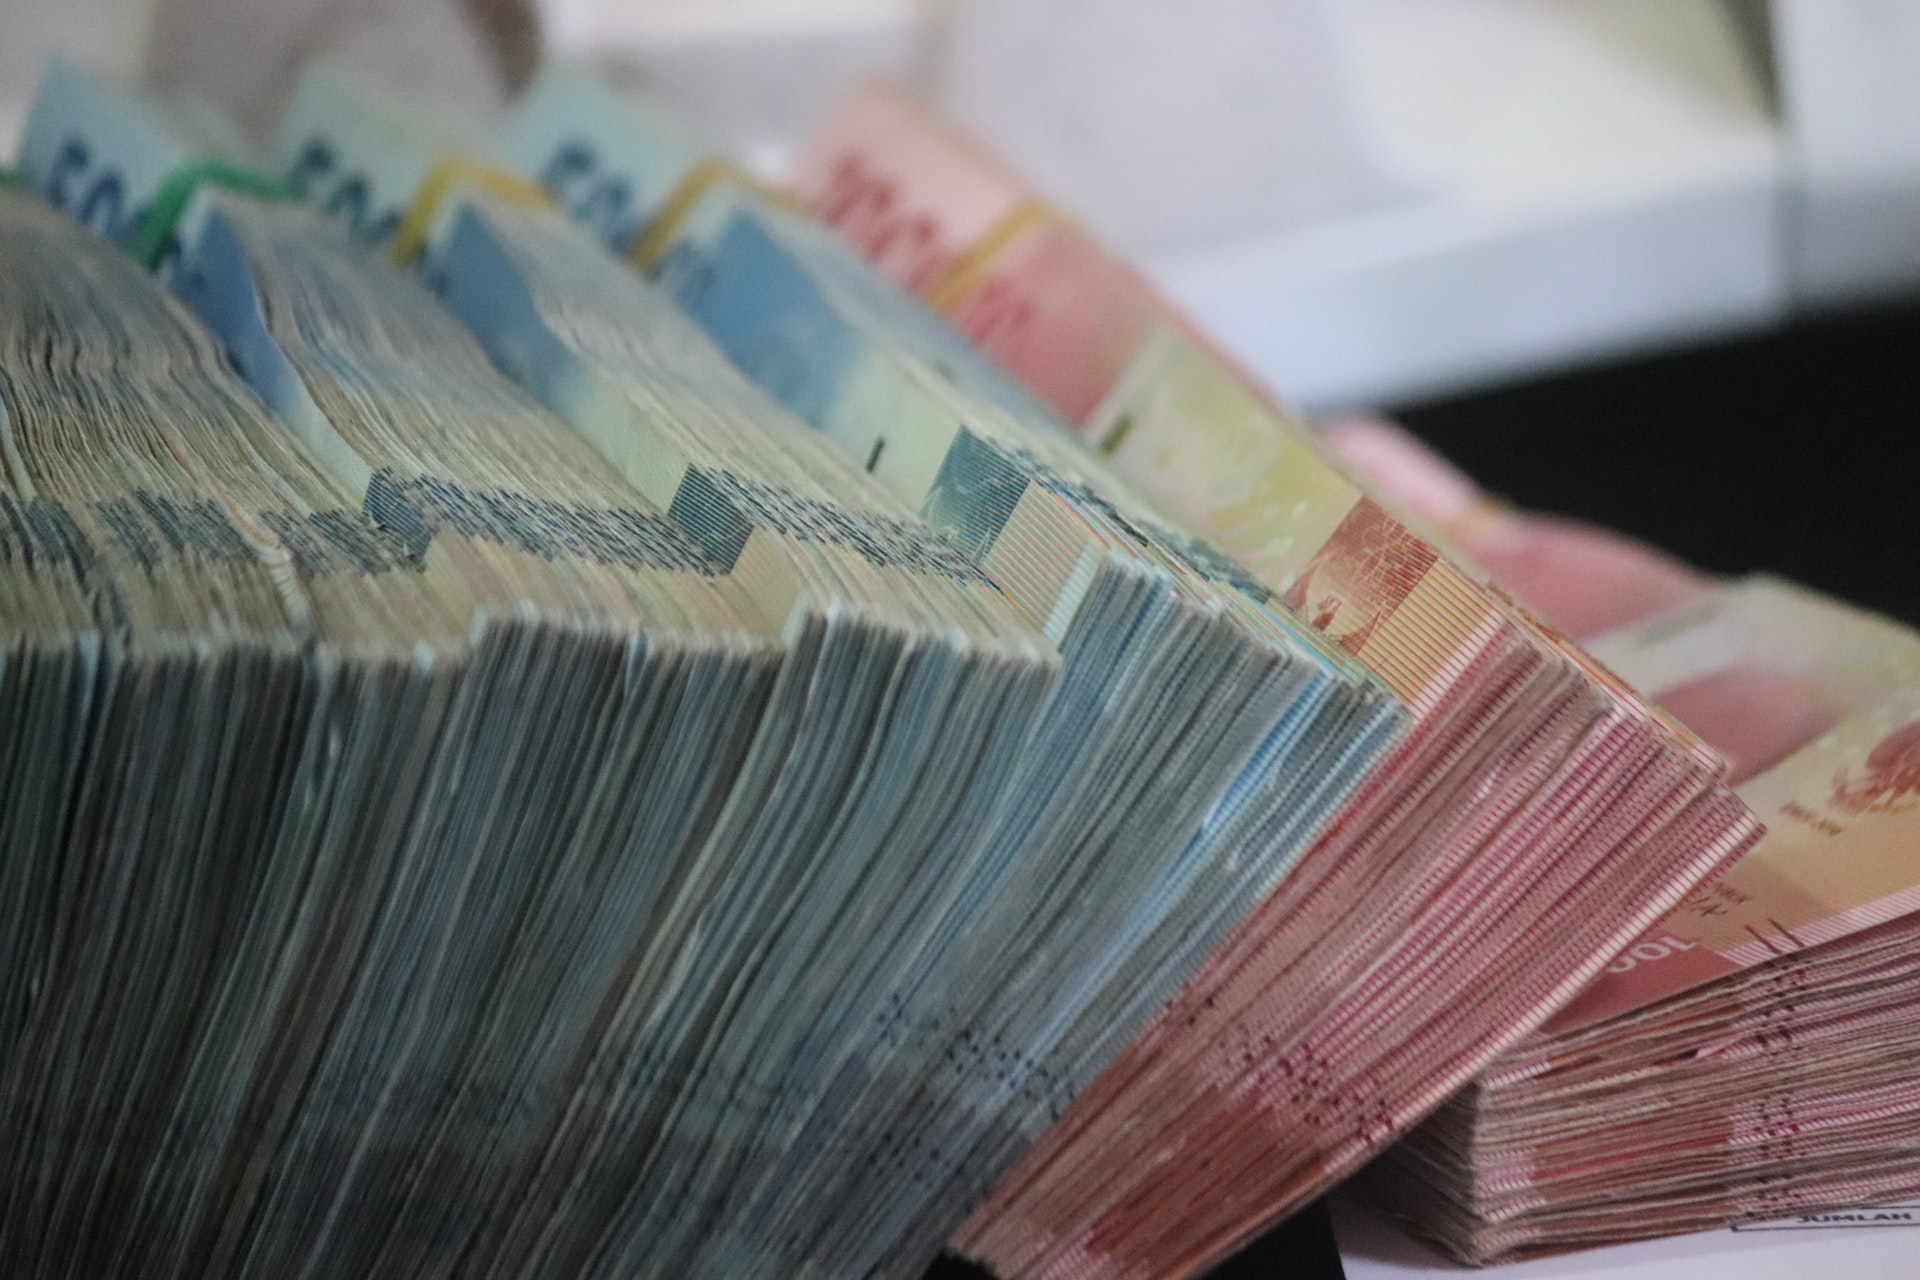 Uskoro kreće povrat poreza, mladima do 25 godina puni povrat